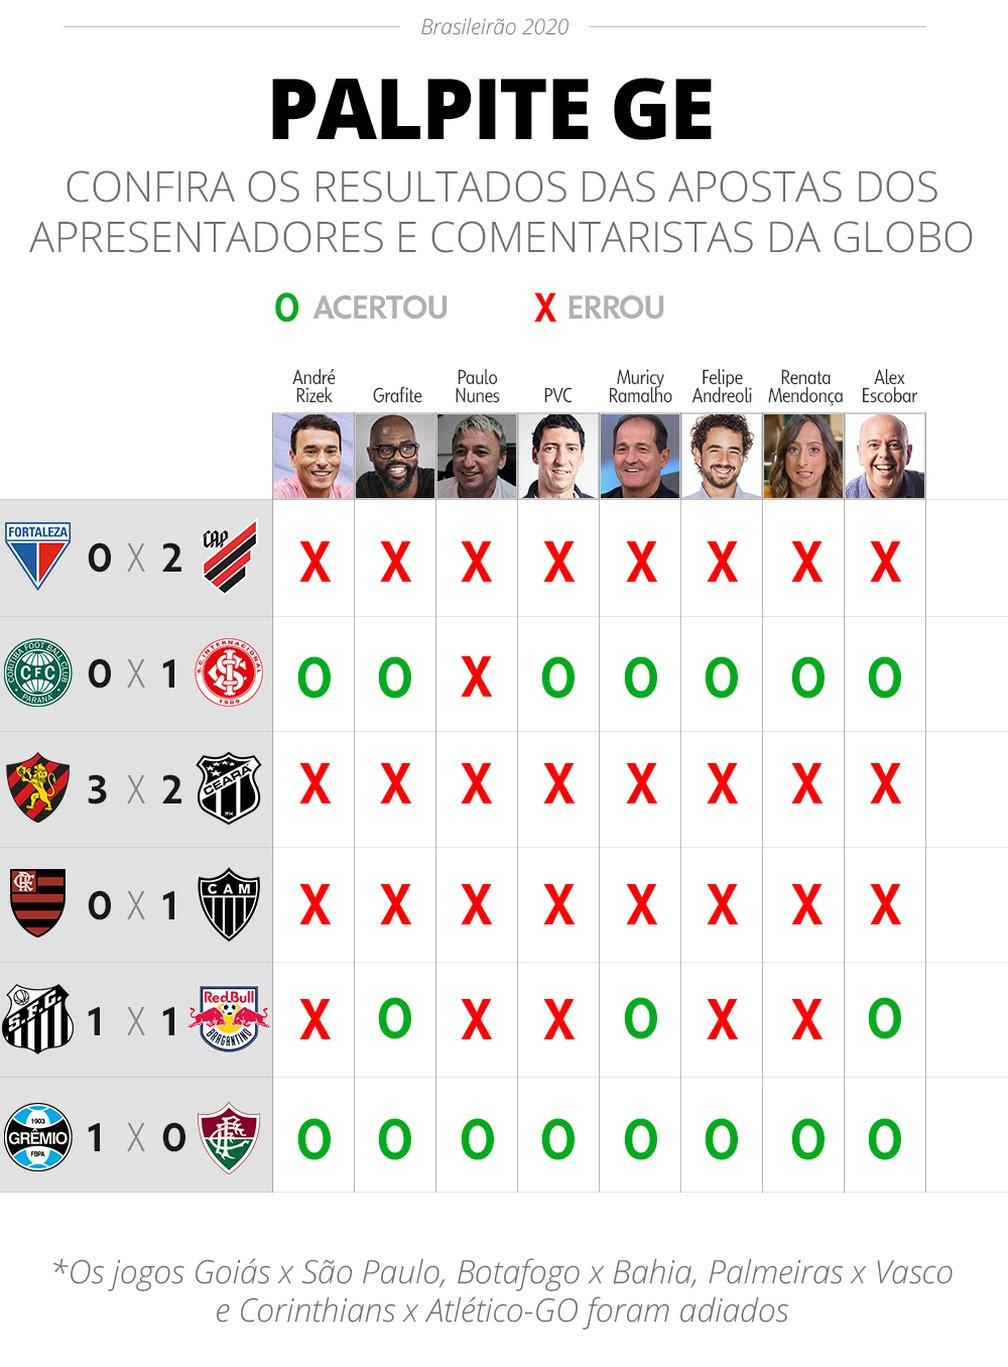 Palpite Ge Muricy Grafite E Escobar Estreiam Bem Veja Acertos E Erros Da Rodada Brasileirao Serie A Ge